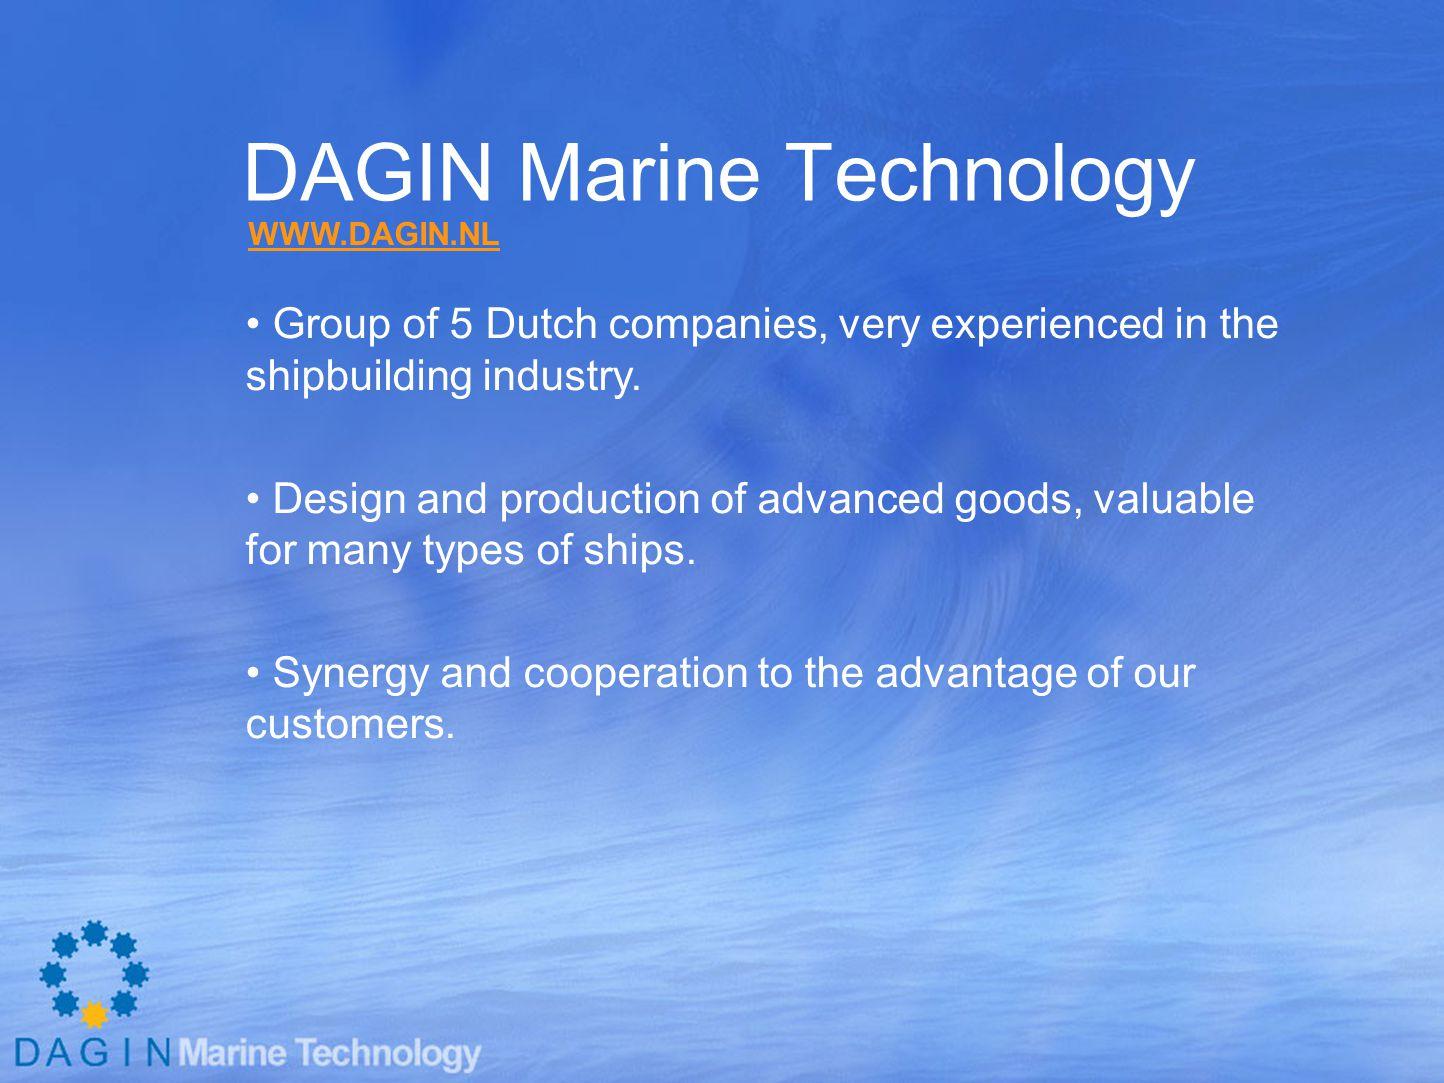 DAGIN Marine Technology 1.Börger 2. Benes Machinefabriek 3.